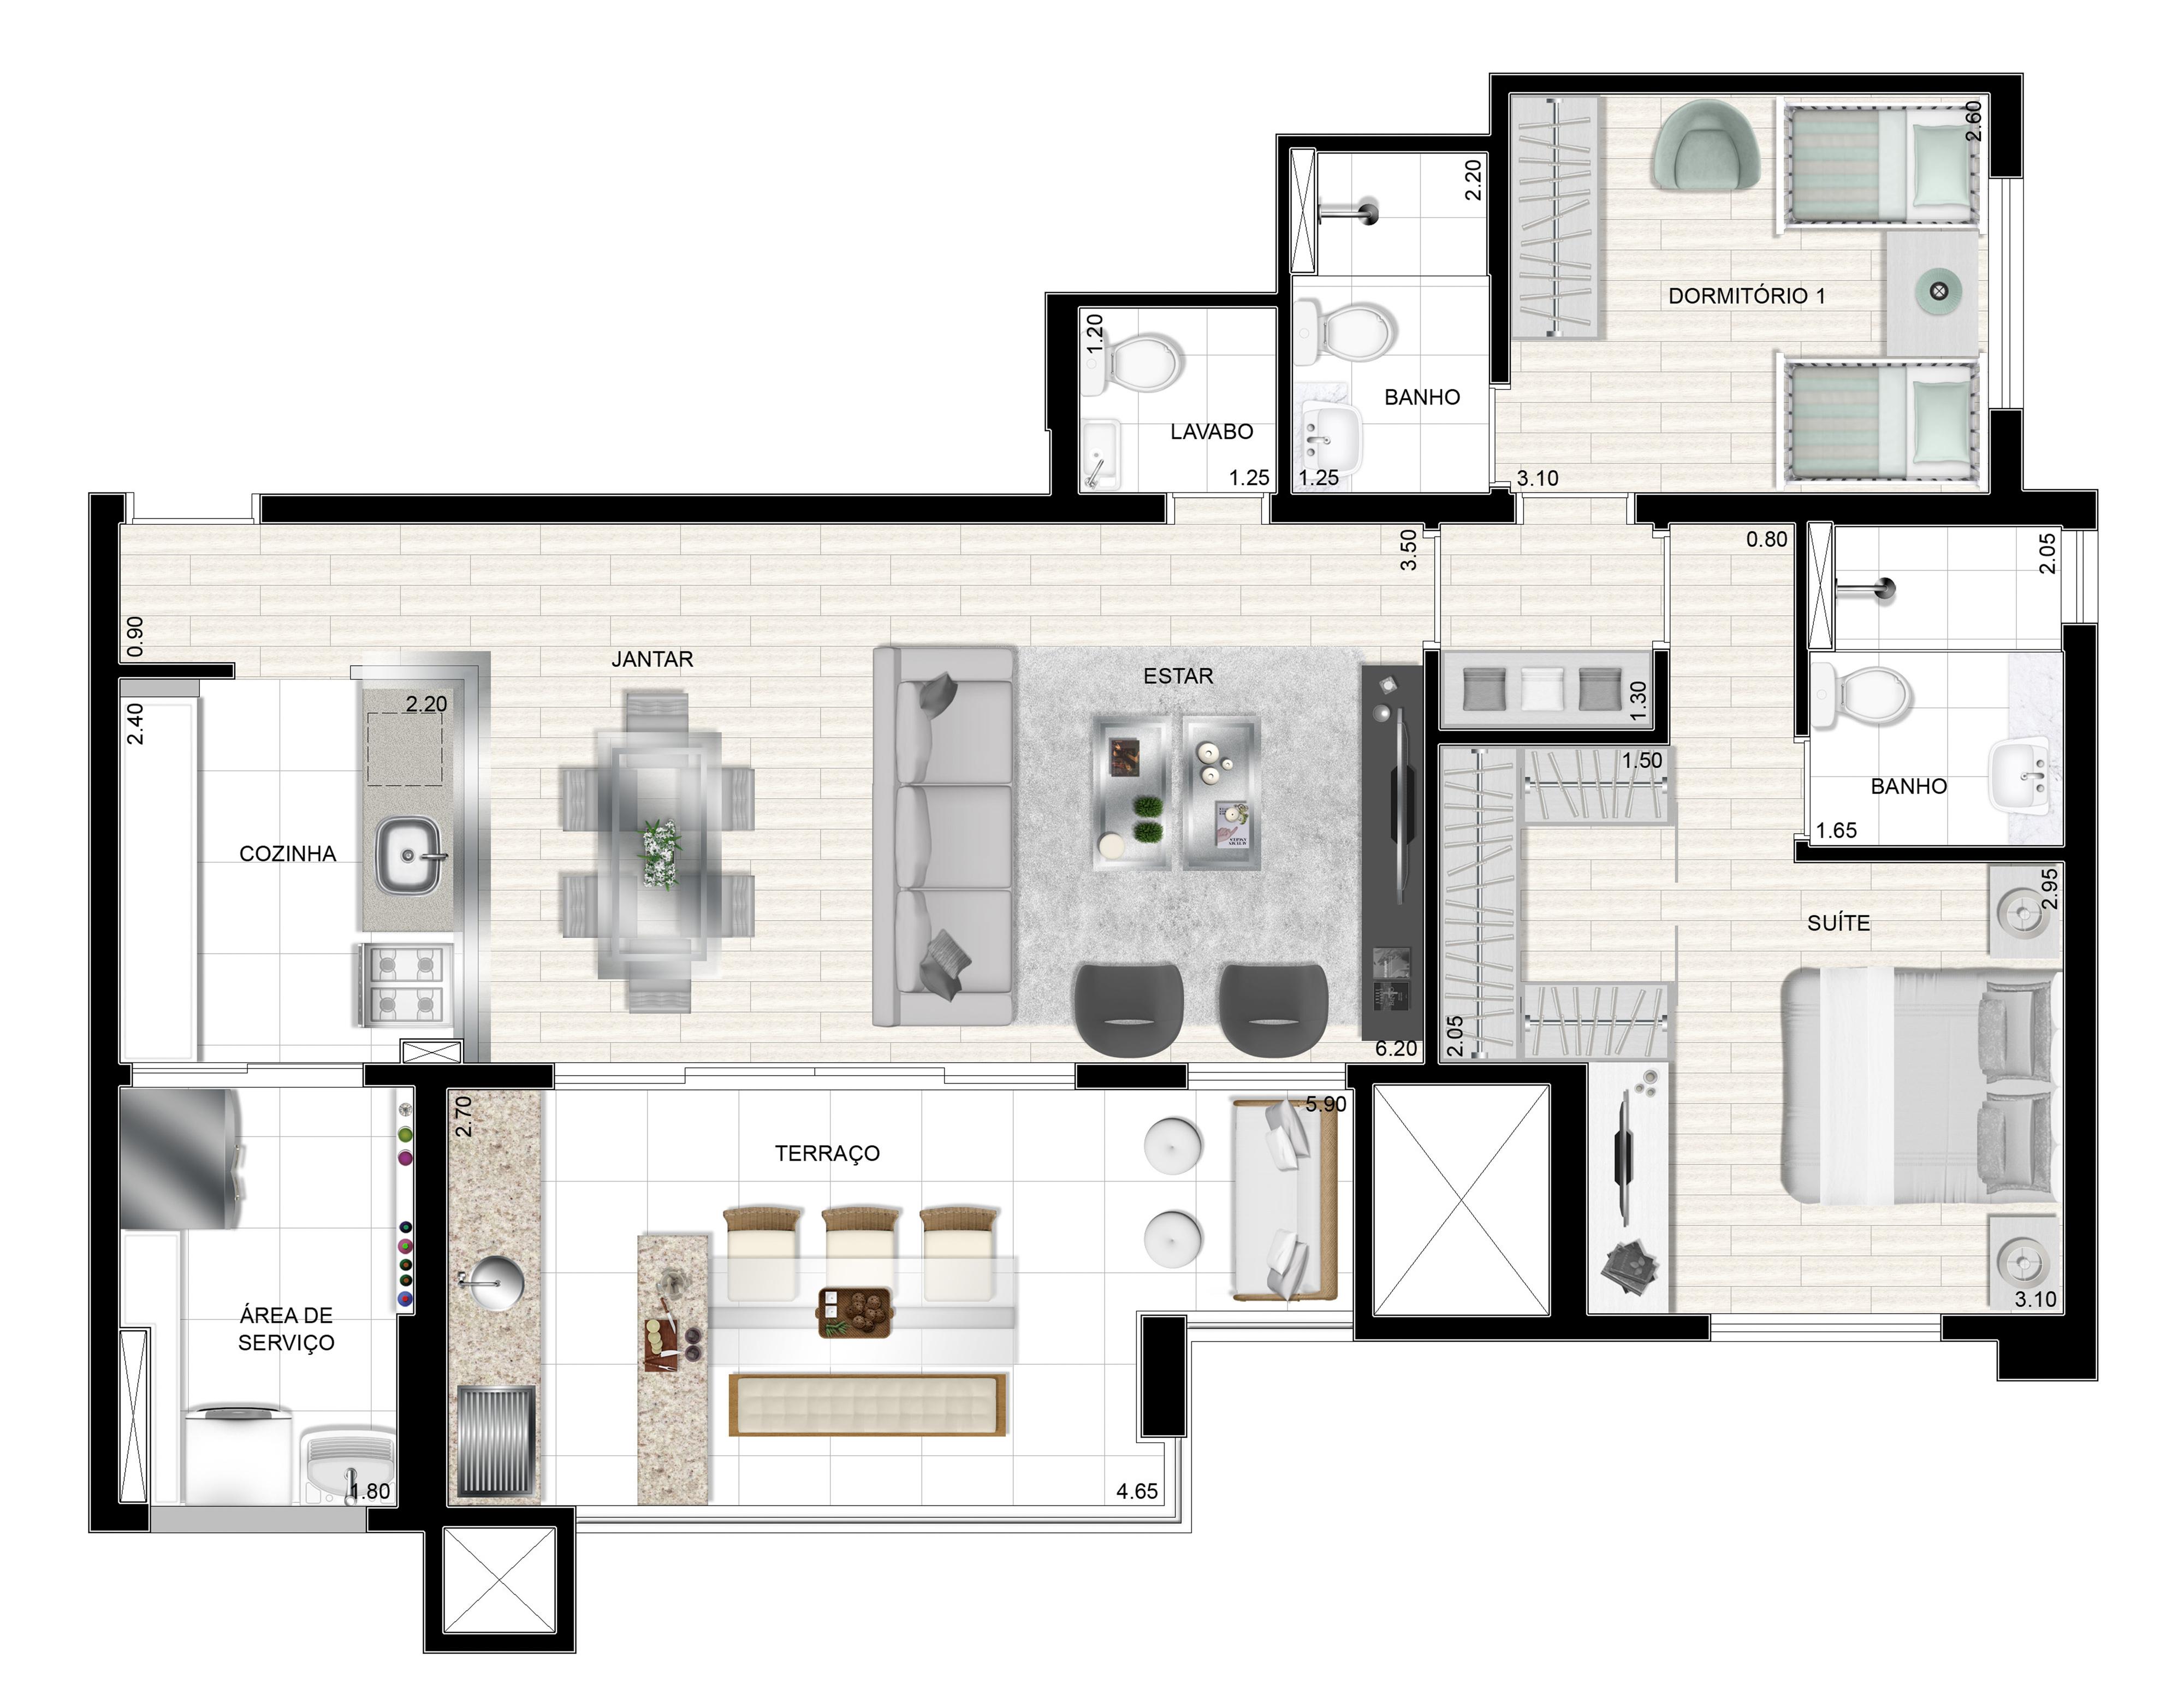 93m² 2 dorms - Apto tipo